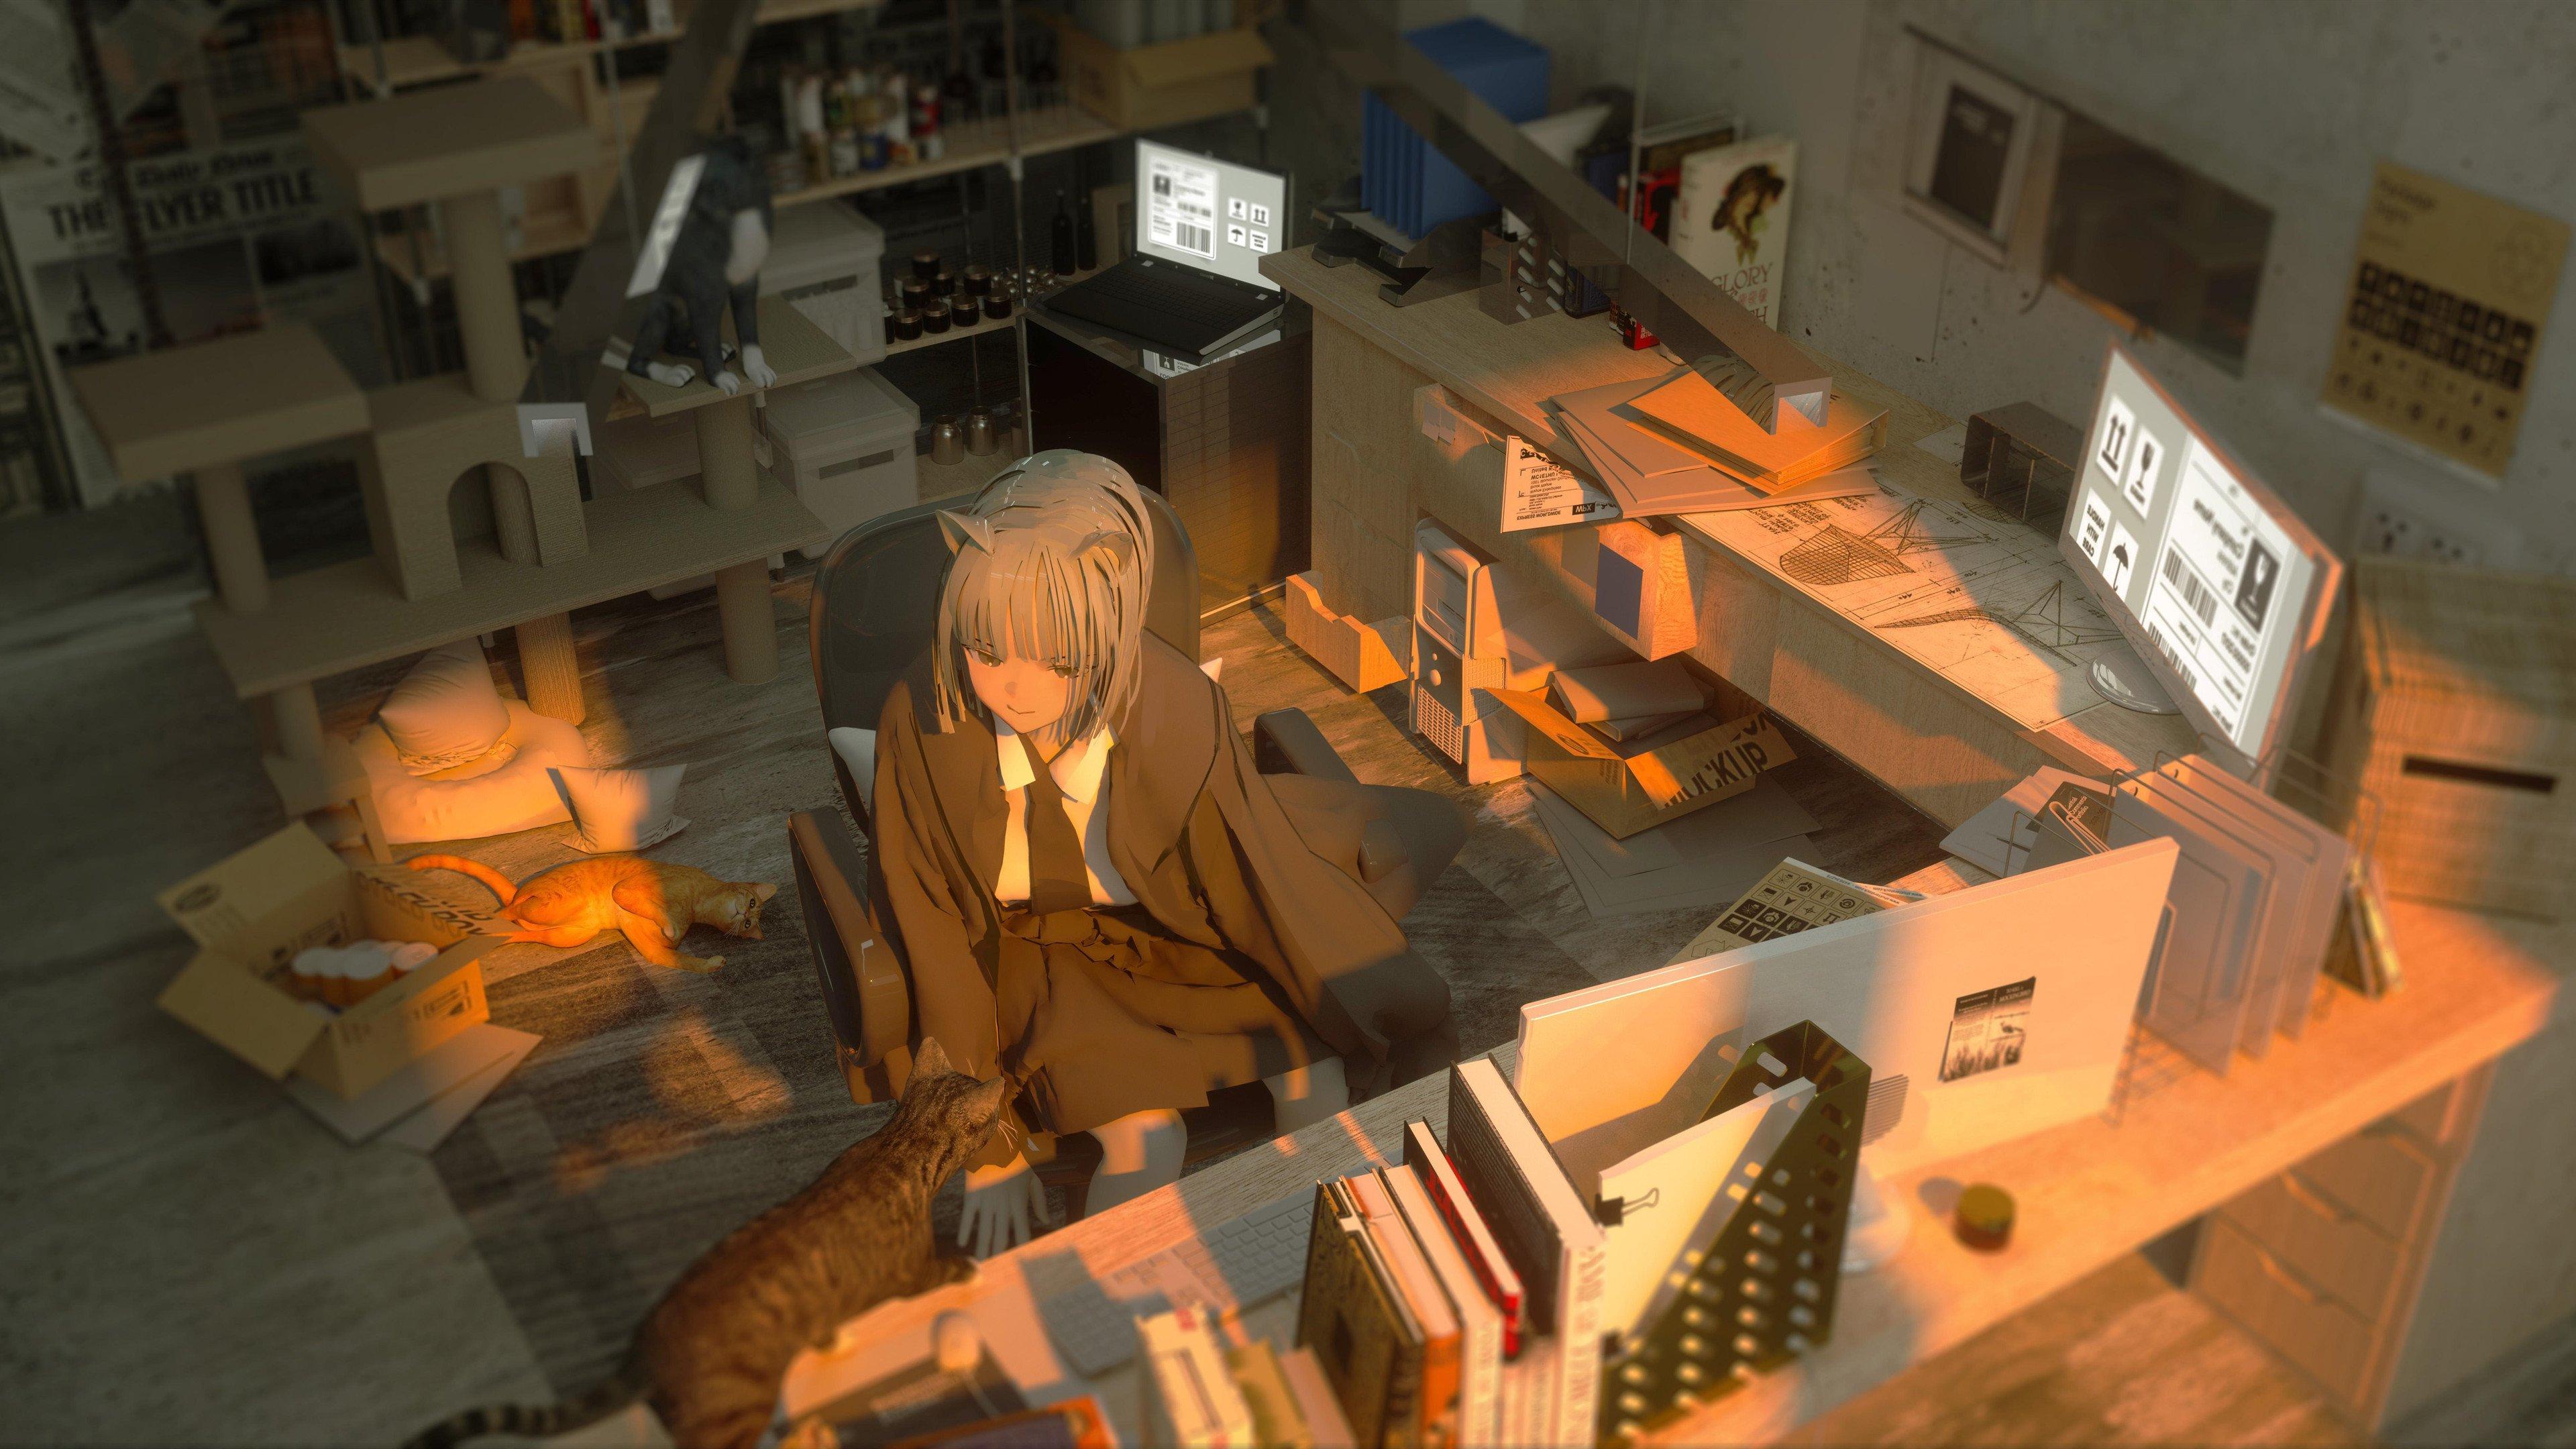 电脑工作室 女孩猫耳朵 狸猫 高清动漫壁纸,高清动漫电脑壁纸插图